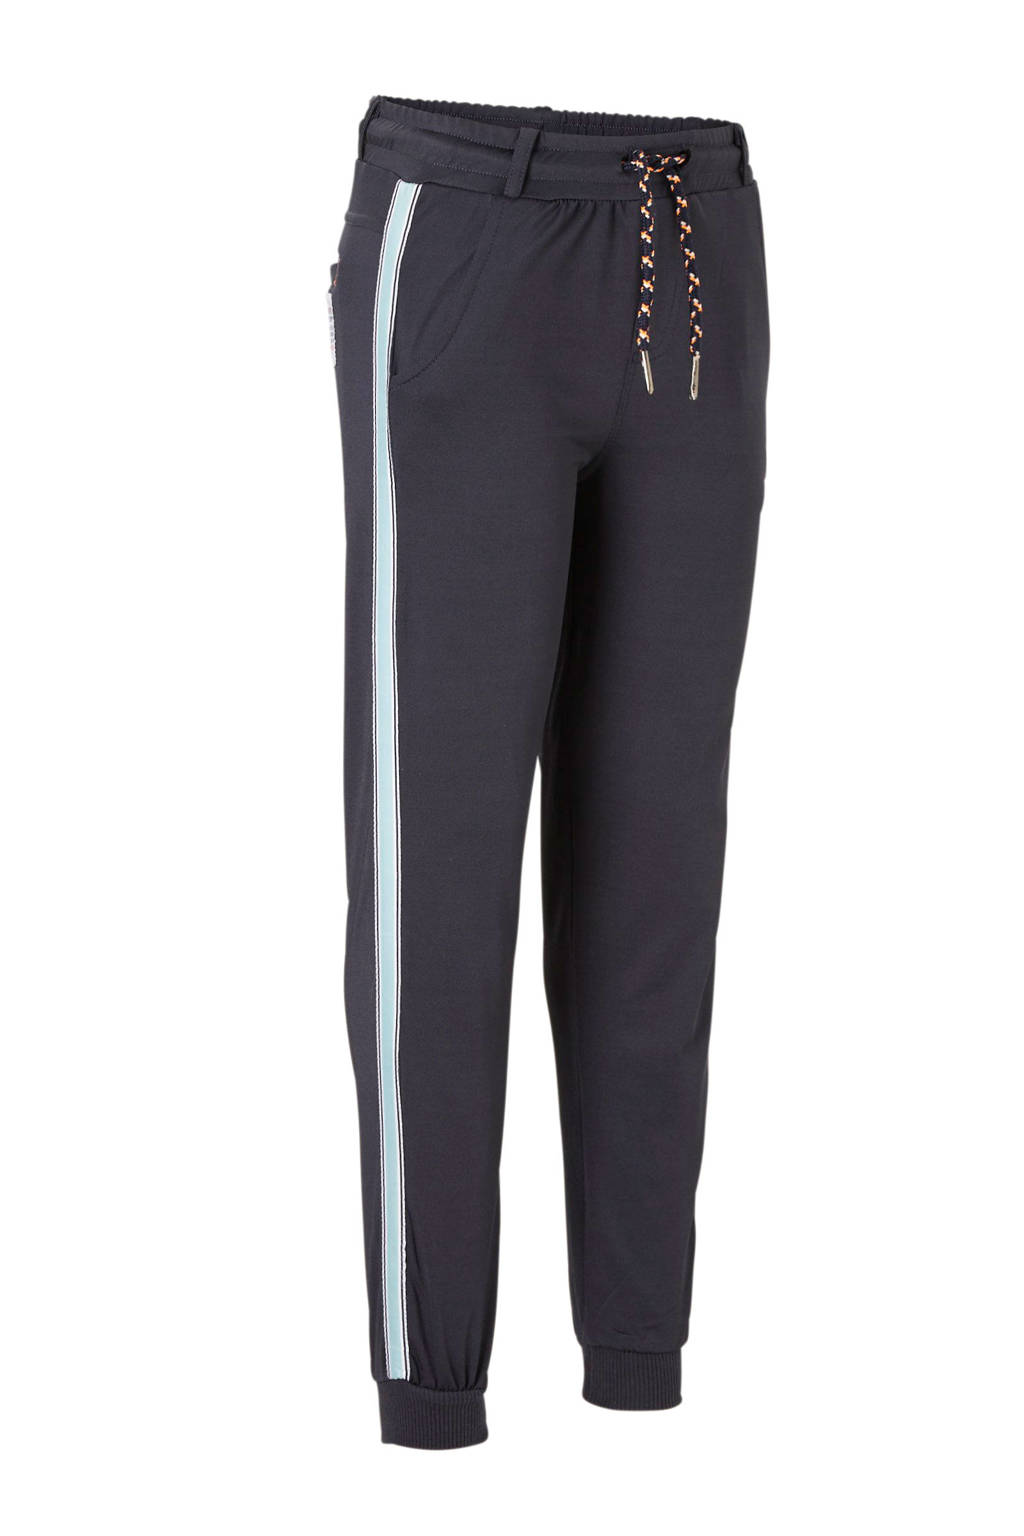 Quapi broek Sieger met zijbies donkerblauw, Donkerblauw/lichtblauw